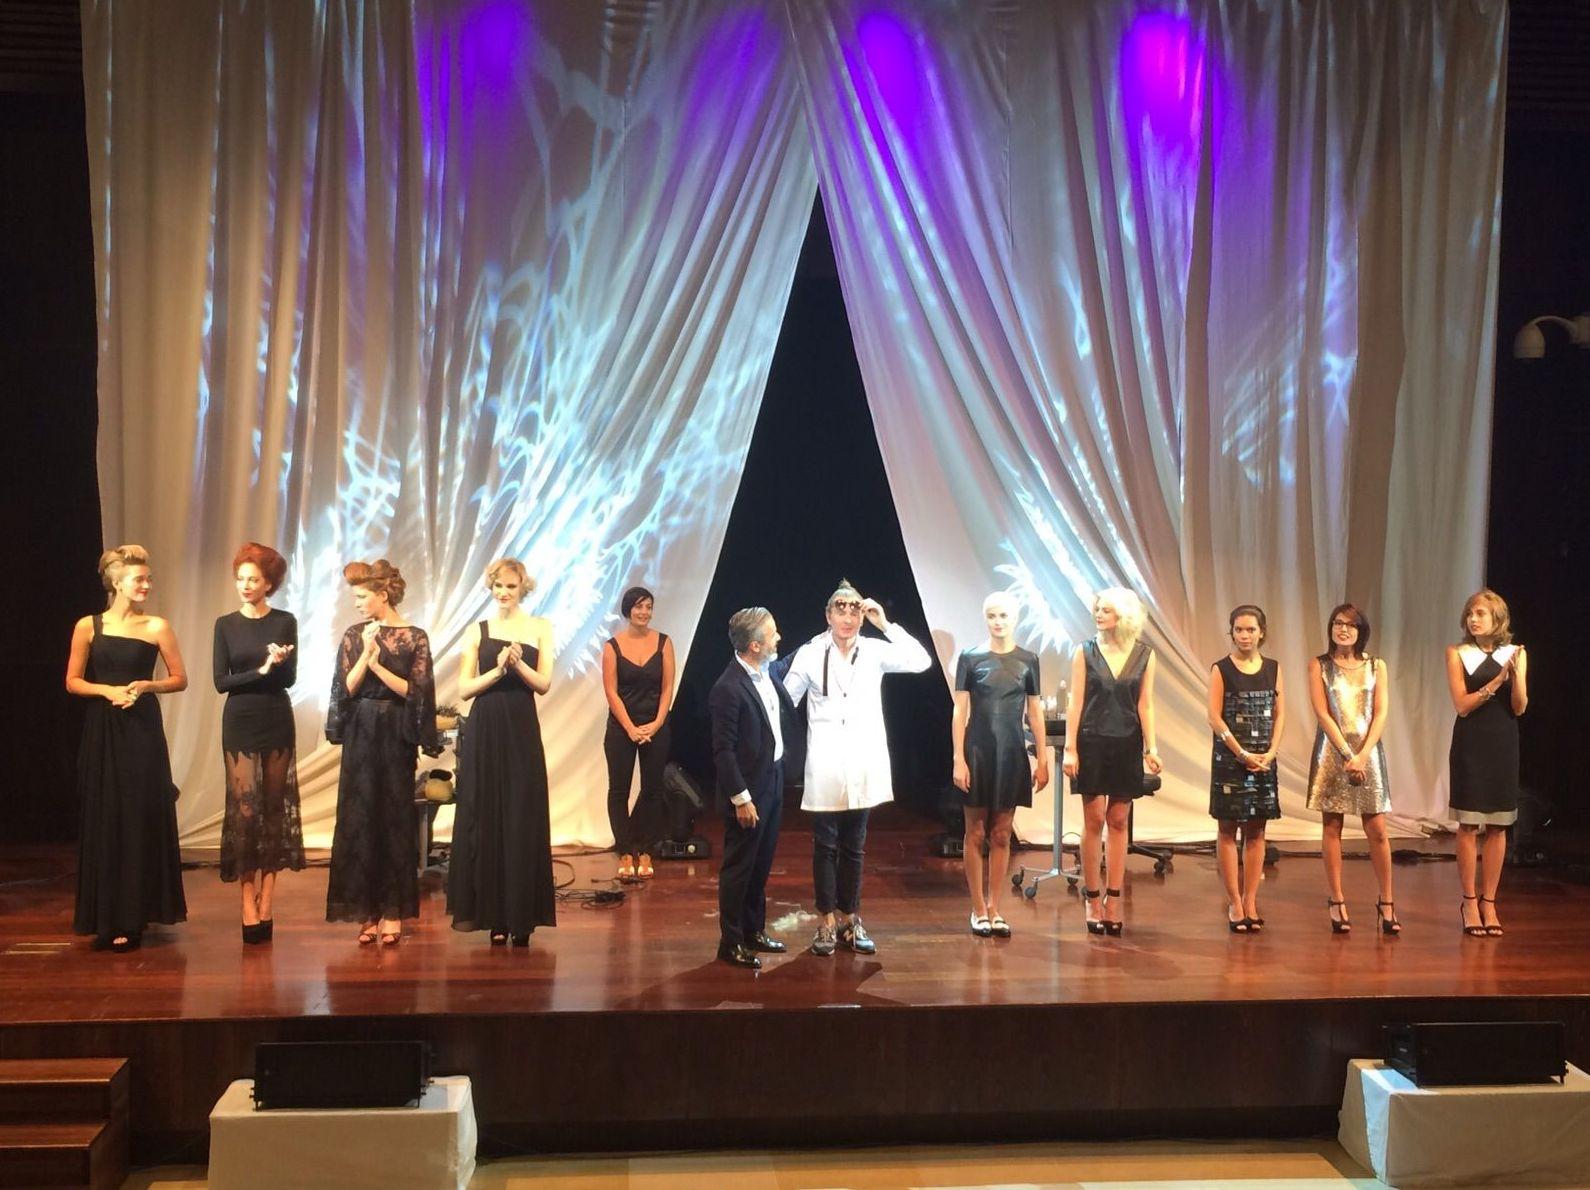 Cristophe-Nicolas Biot y trabajos Málaga 13 y 14 septiembre 2015